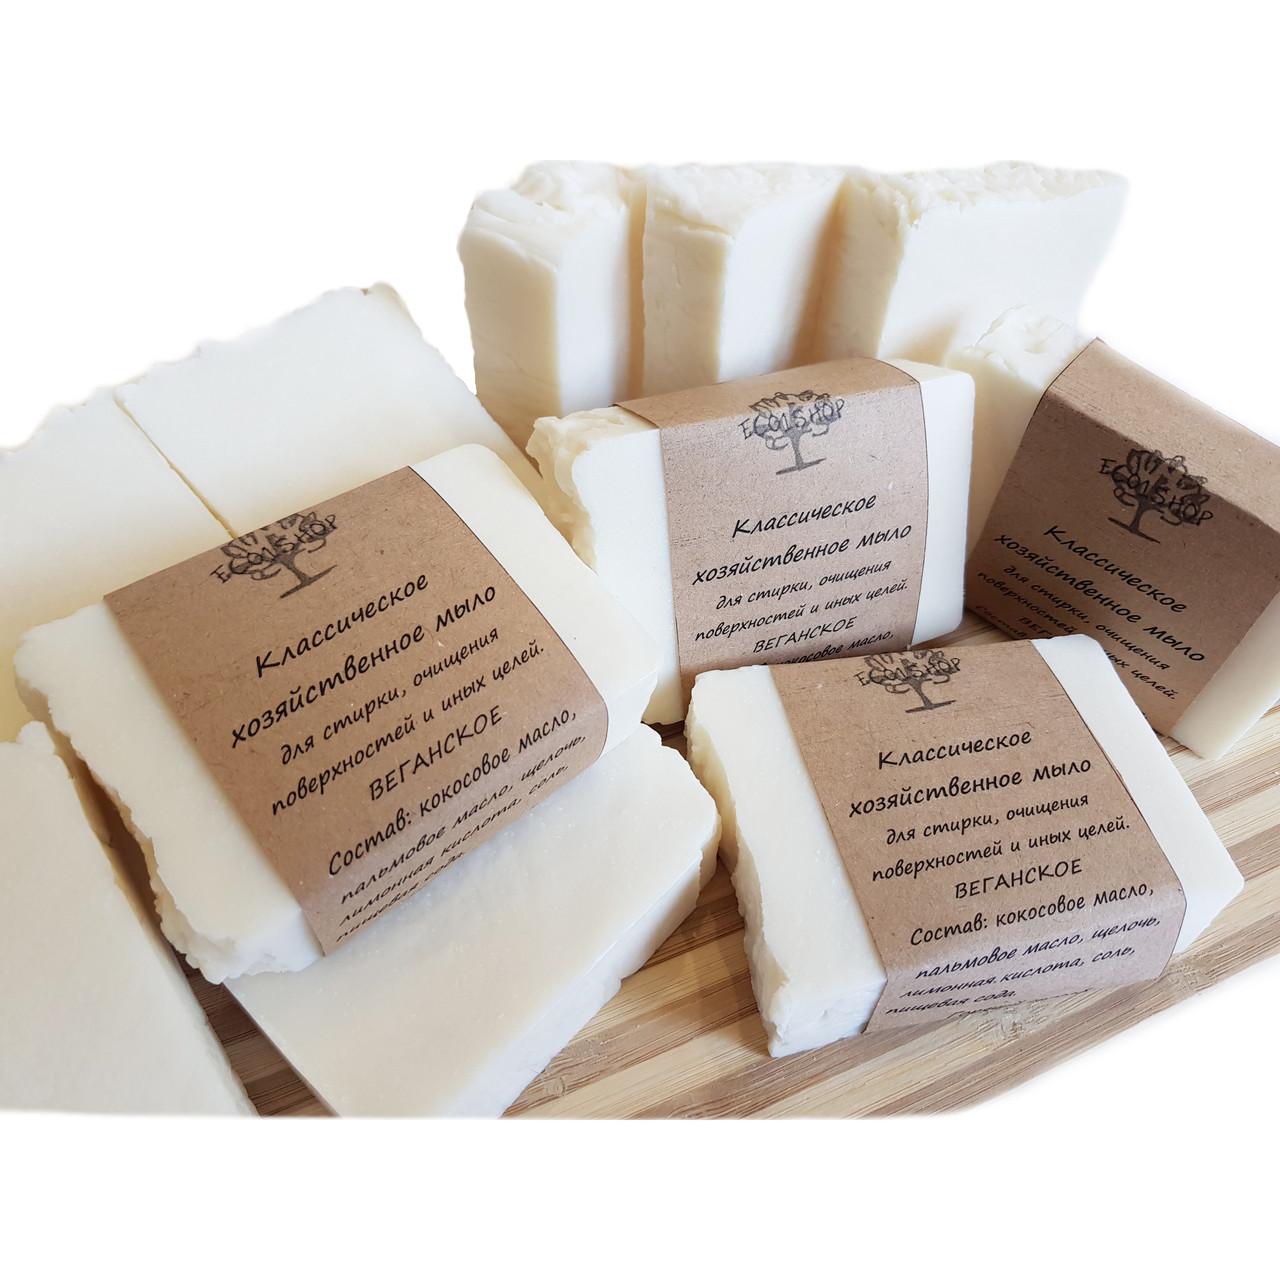 Хозяйственное мыло для стирки и уборки КЛАССИЧЕСКОЕ